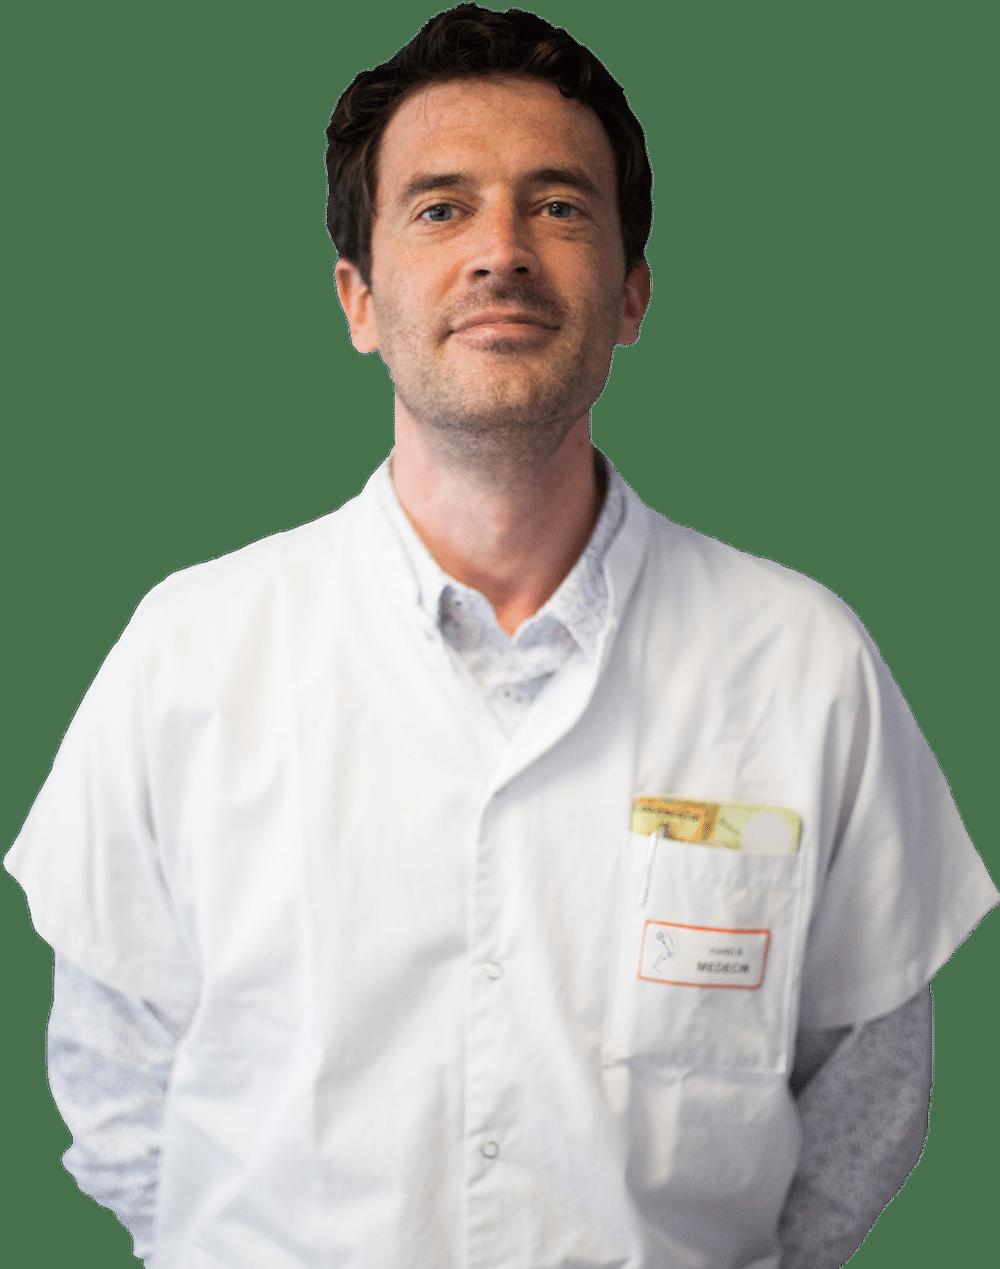 Photo Dr Brice Viard, Chirurgien Orthopédique à Dijon retaillé